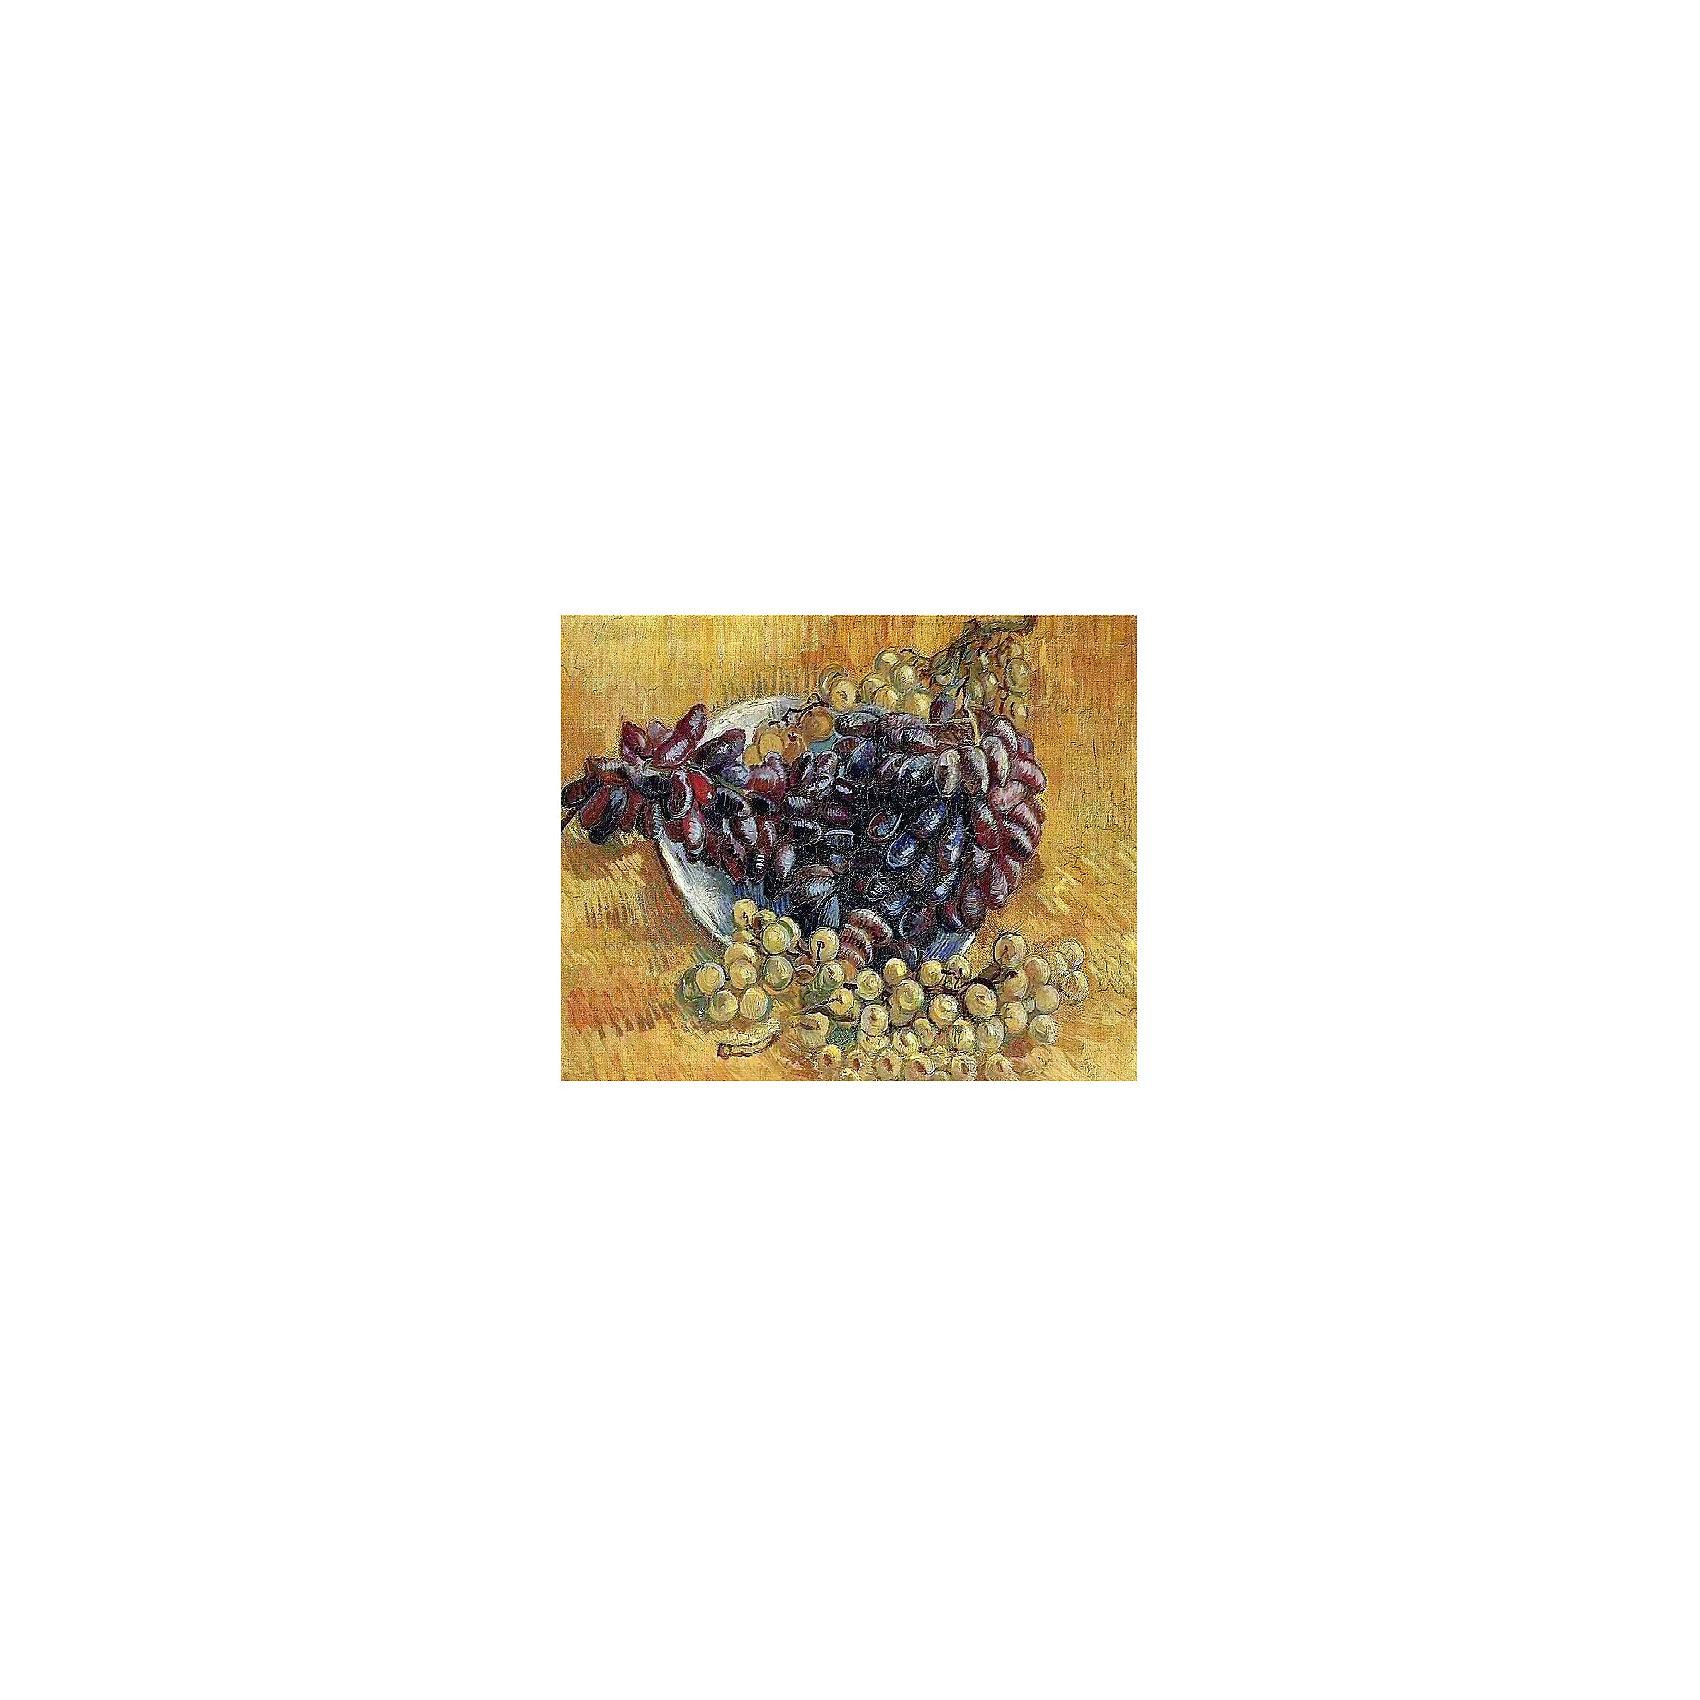 Картина по номерам Ван Гог: Натюрморт с виноградом, 40*50 смКартины с раскраской по номерам размером 40*50. На деревянном подрамнике, с прогрунтованным холстом и  нанесенными контурами картины, с указанием цвета закраски, акриловыми красками, 3 кисточками и креплением на стену. Уровень сложности, количество красок указаны на коробке.<br><br>Ширина мм: 500<br>Глубина мм: 400<br>Высота мм: 40<br>Вес г: 730<br>Возраст от месяцев: 108<br>Возраст до месяцев: 2147483647<br>Пол: Унисекс<br>Возраст: Детский<br>SKU: 5417701